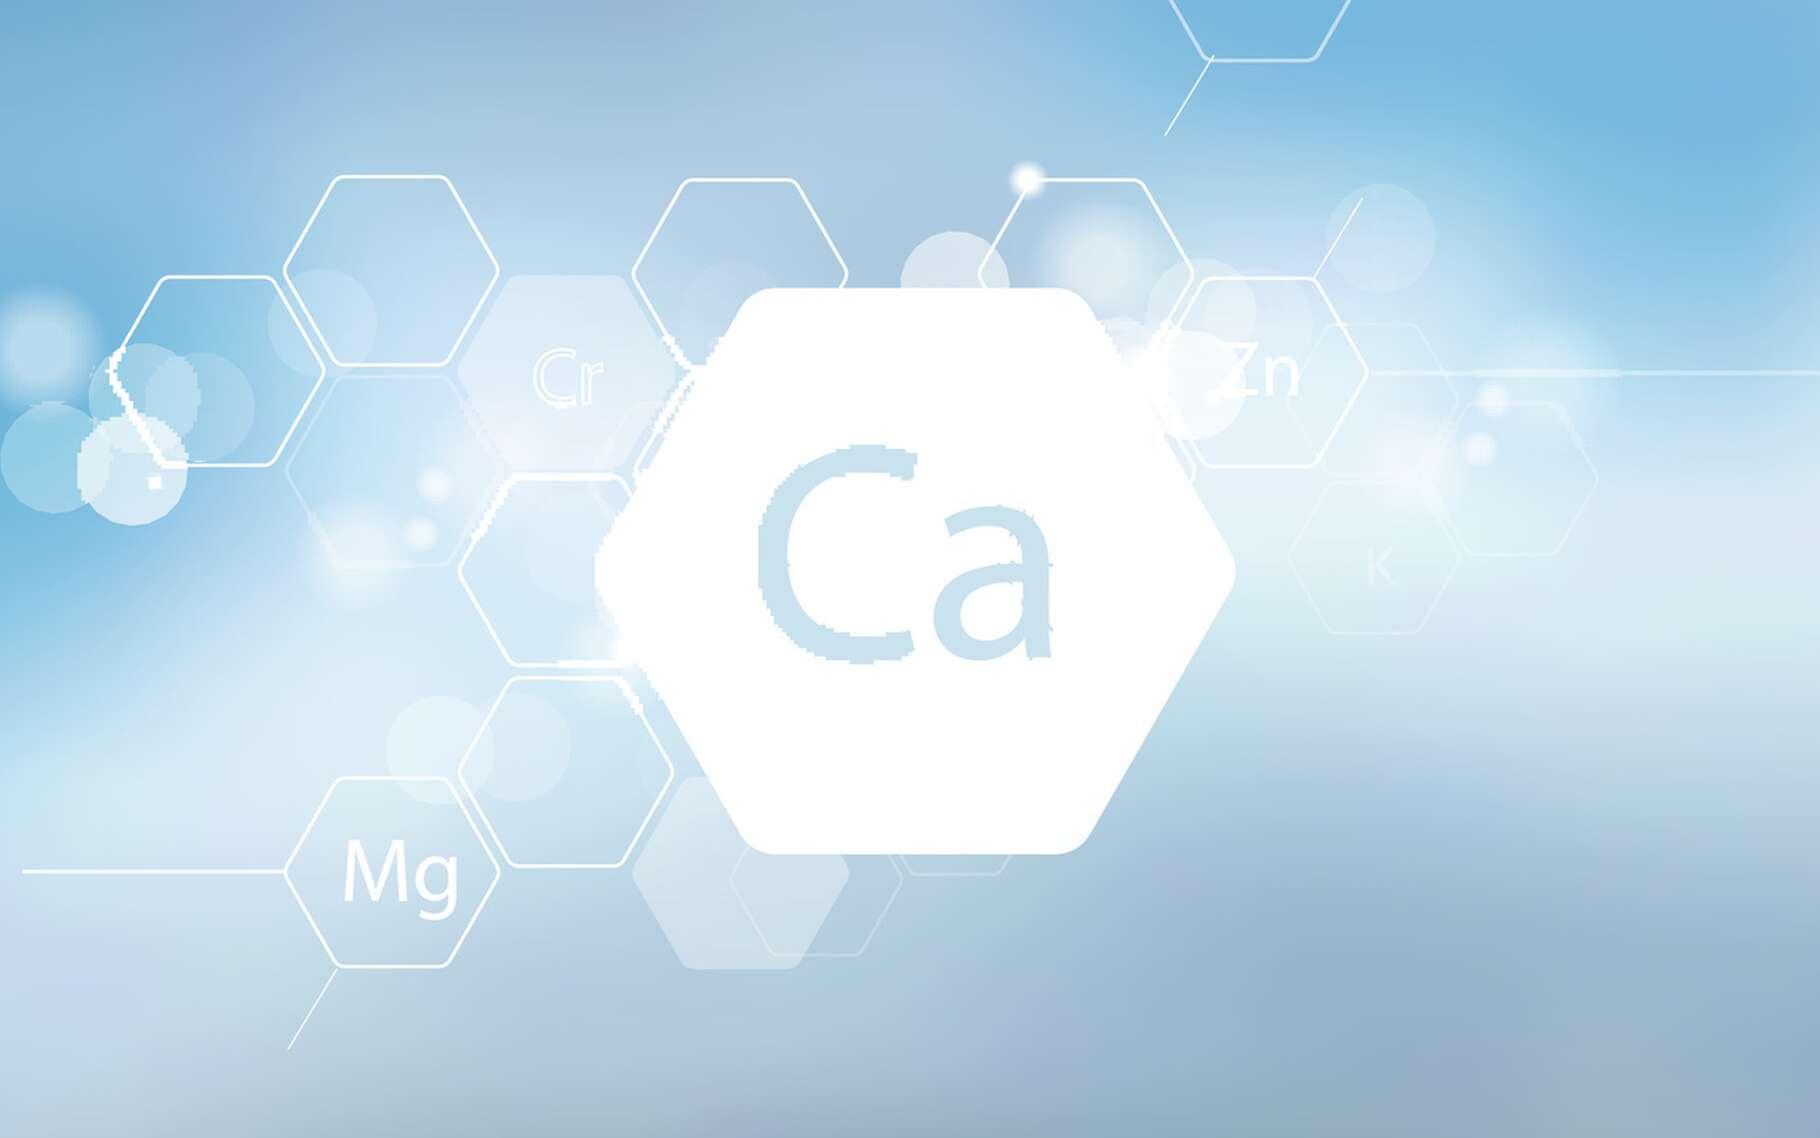 Le plus petit moteur du monde est constitué d'un ion 40Ca+. © alfaolga, Fotolia